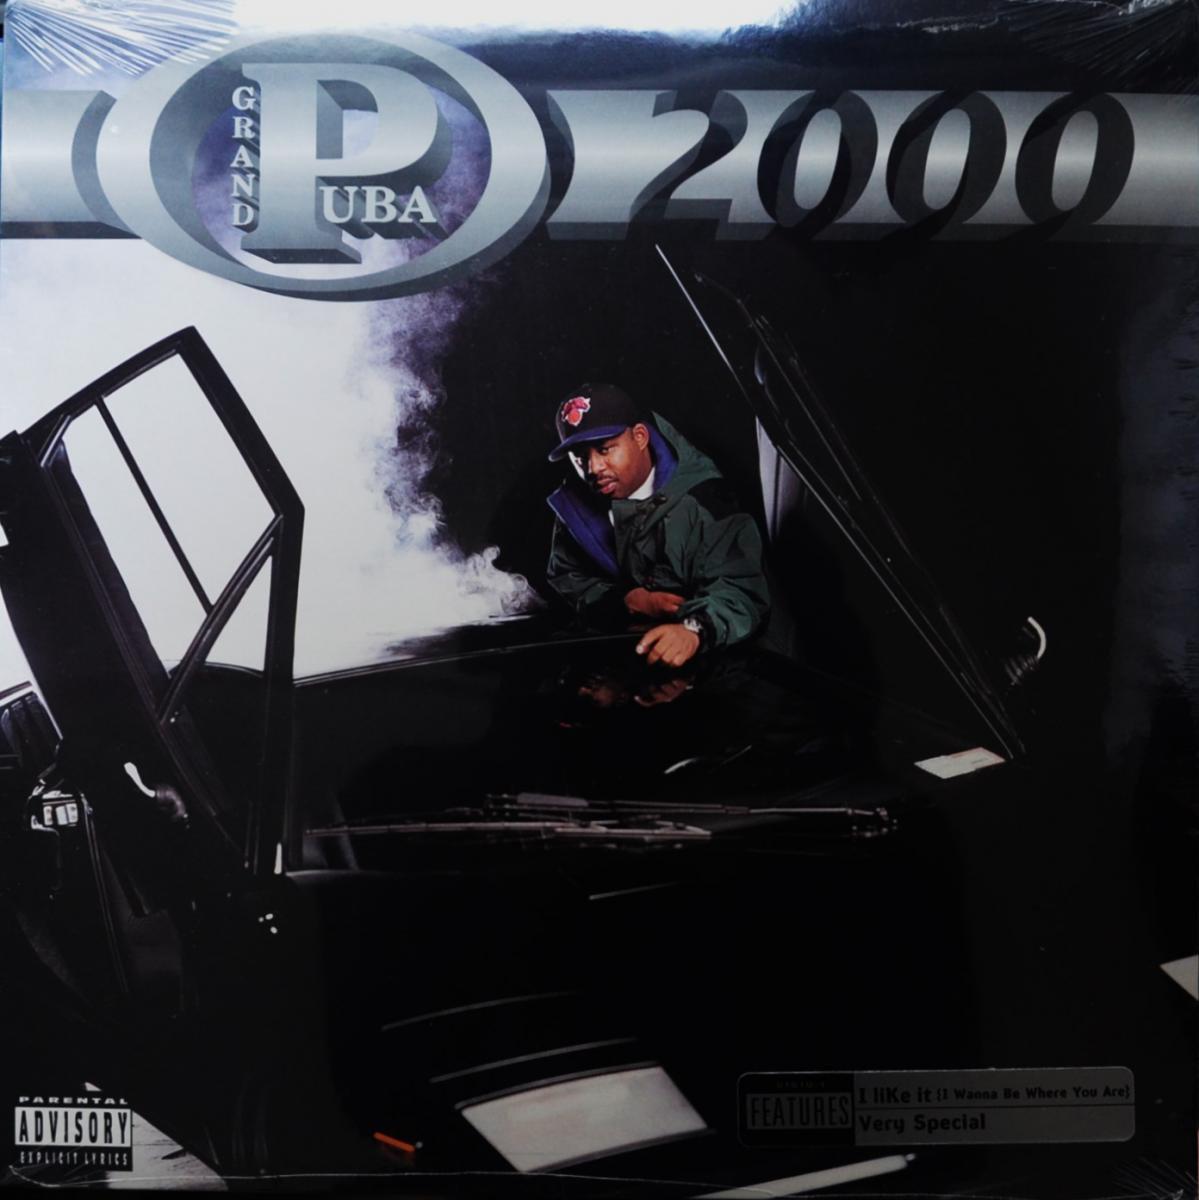 GRAND PUBA / 2000 (LP)